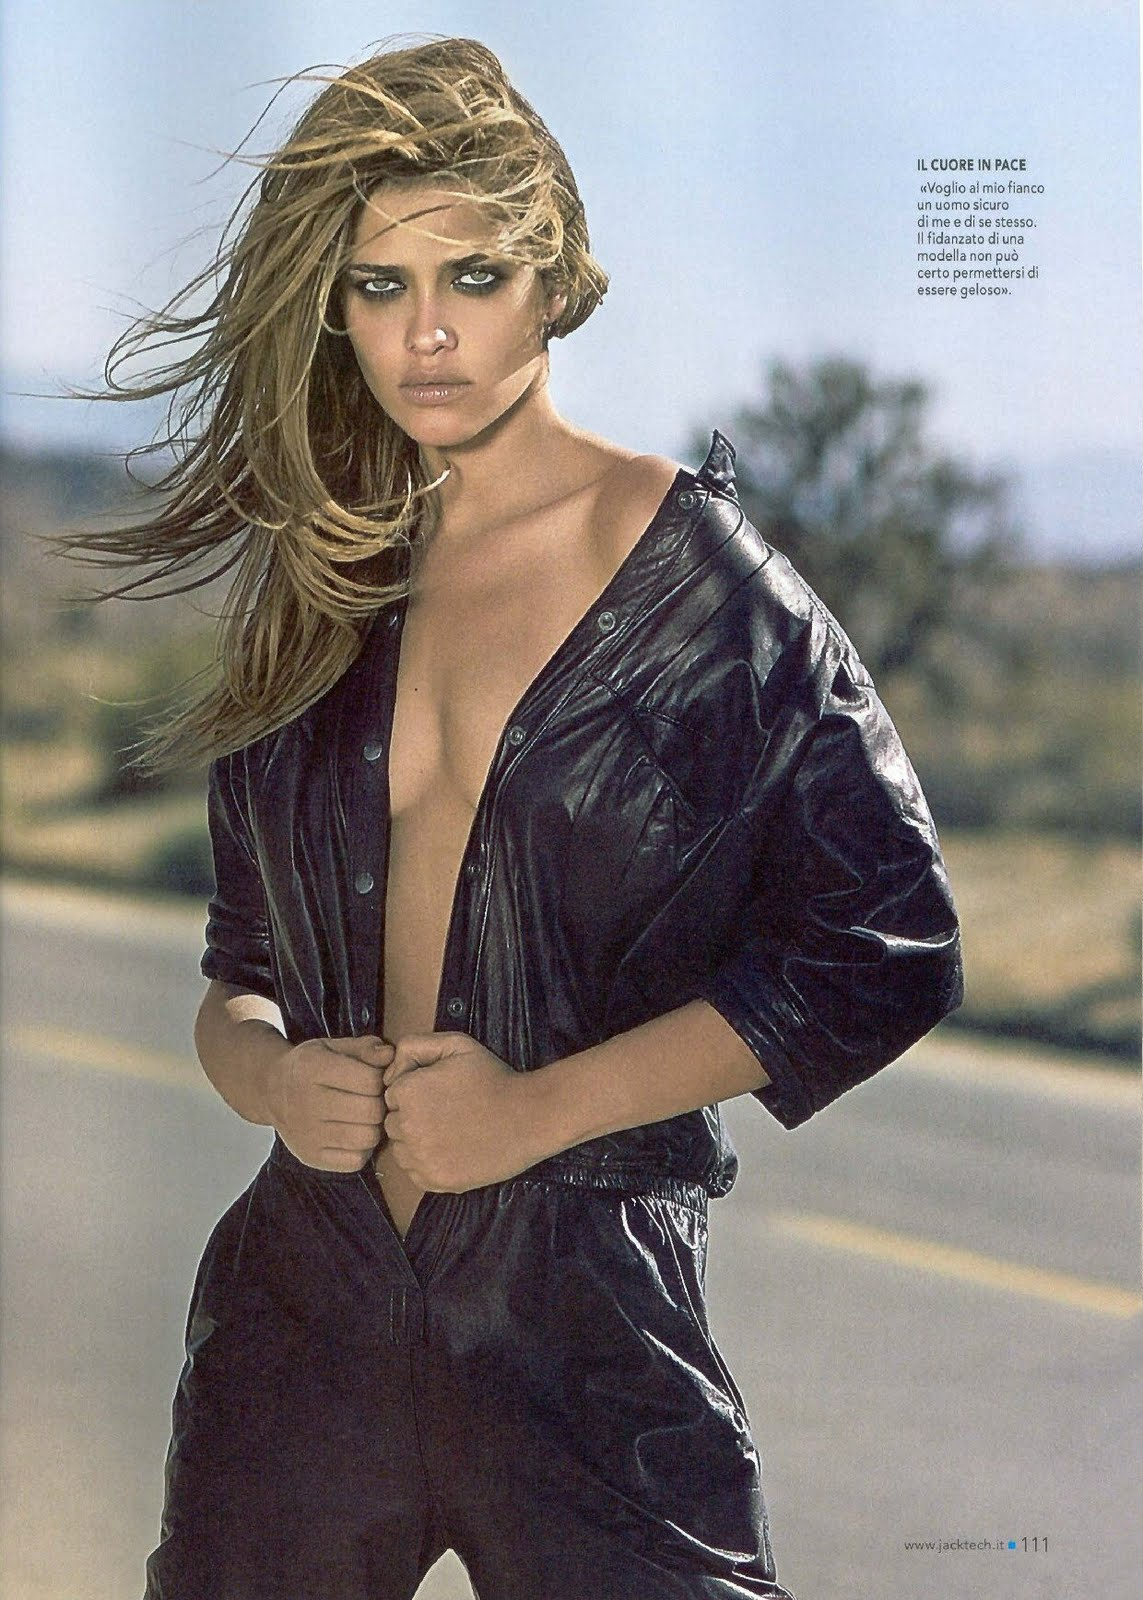 http://3.bp.blogspot.com/-EOHLv-8XuOA/TbVAc6UjYtI/AAAAAAAAEGg/B_6gNg9_Qoc/s1600/Ana-Beatriz-Barros-4.jpg